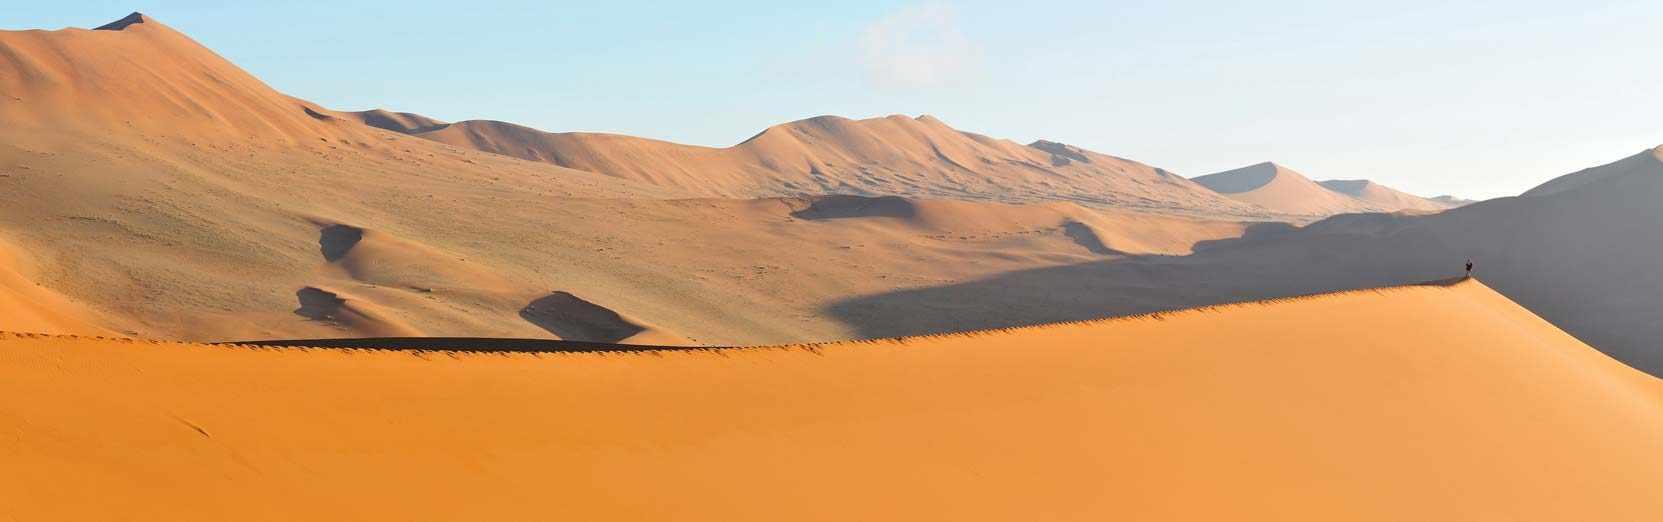 Auto mieten in Namibia